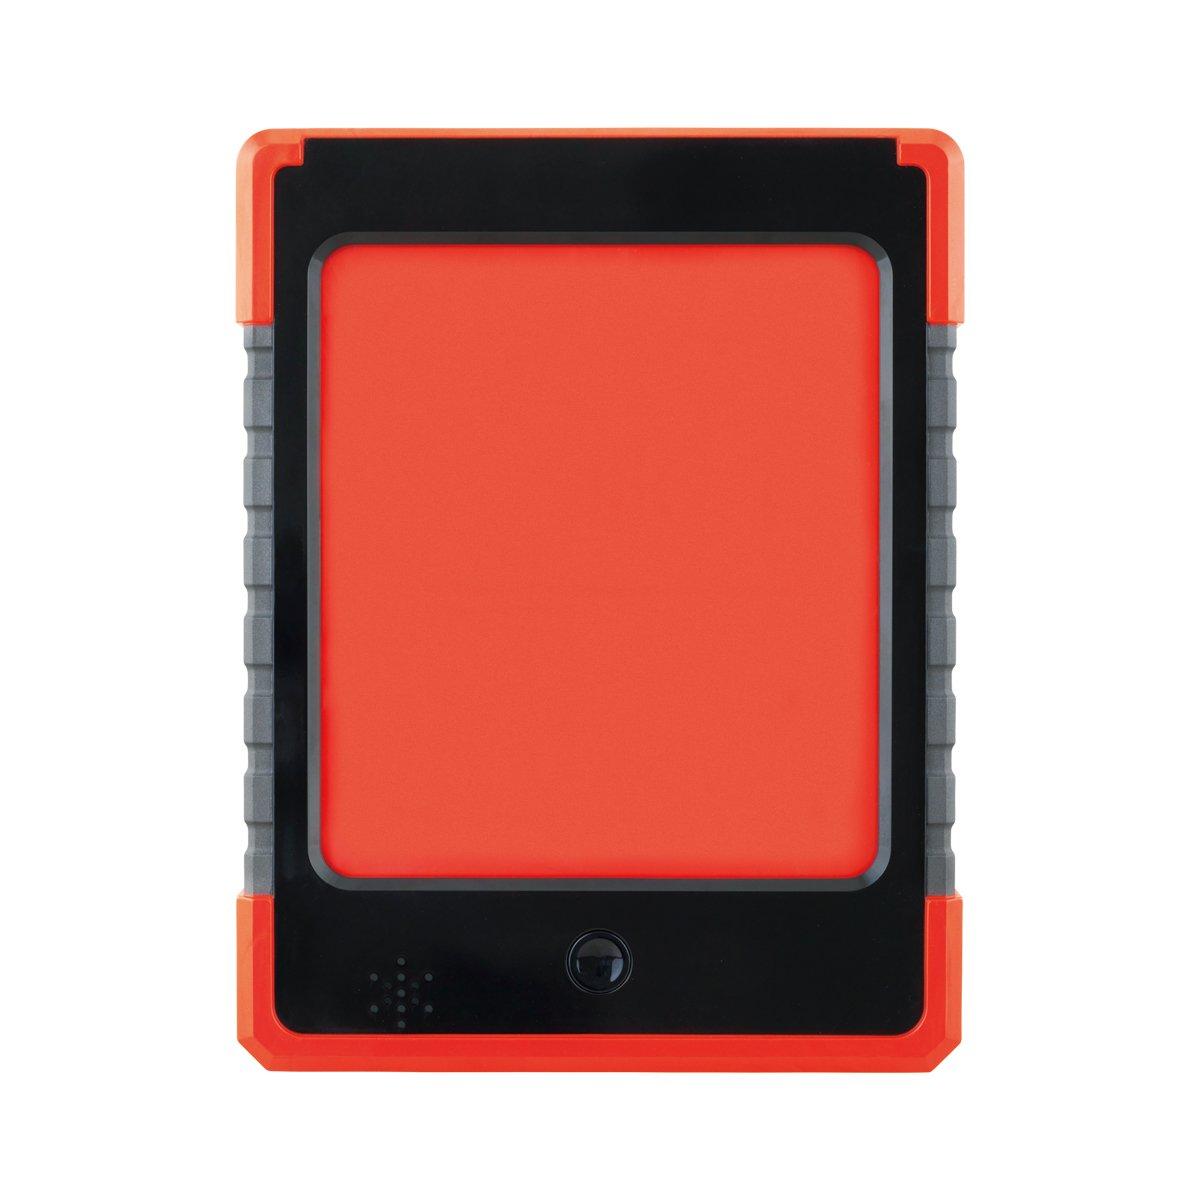 Bandai Ultra PAD NEO Toy Tablet by Bandai (Image #3)